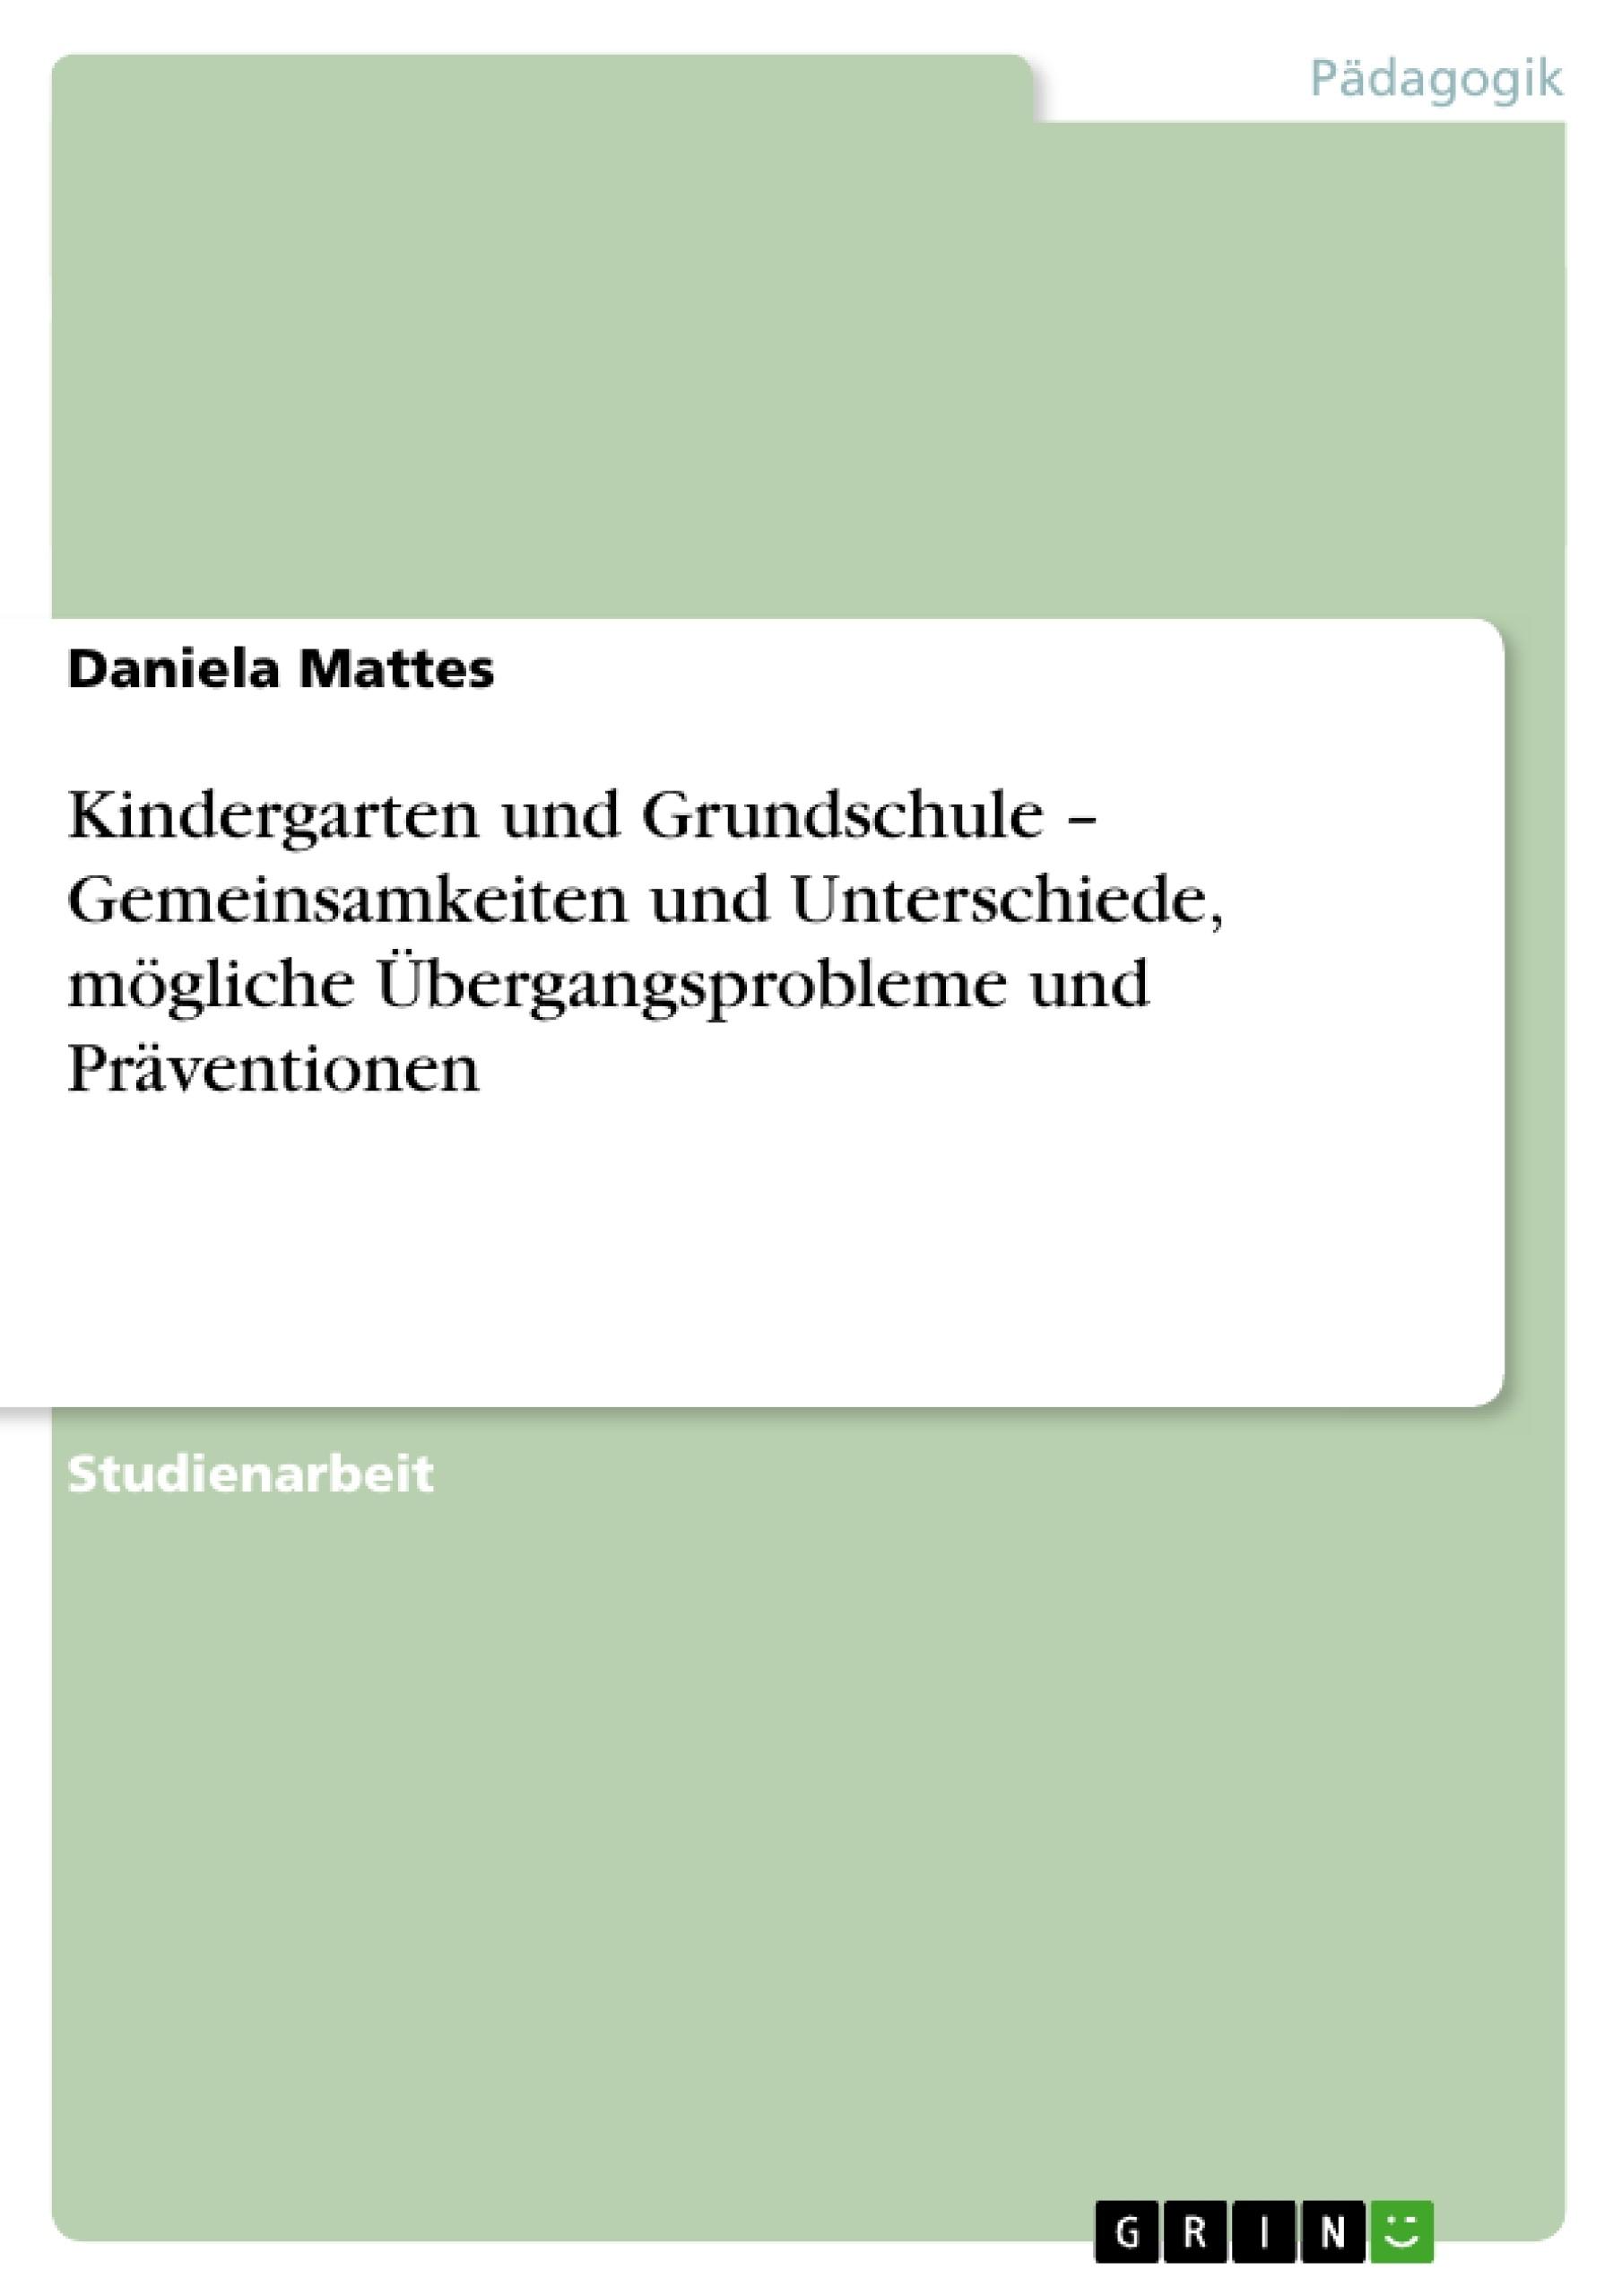 Titel: Kindergarten und Grundschule – Gemeinsamkeiten und Unterschiede, mögliche Übergangsprobleme und Präventionen